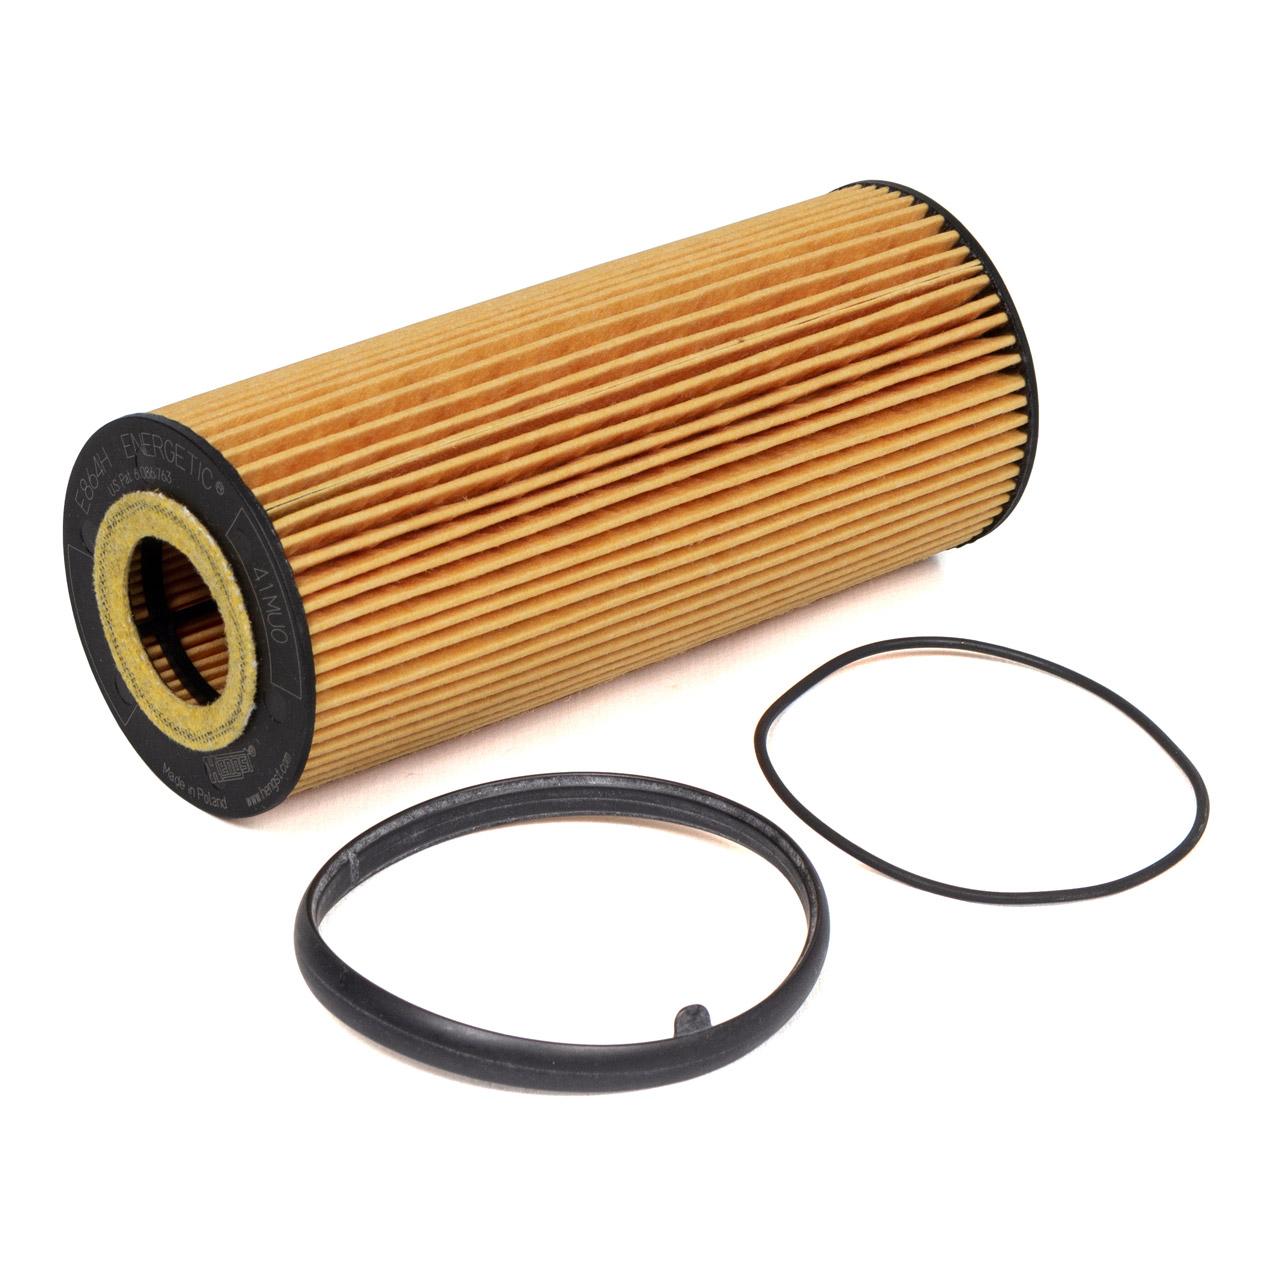 Filterpaket Filterset für AUDI A6 (4F C6) 2.8 FSI 3.2 FSI 3.0 TFSI 190-299 PS